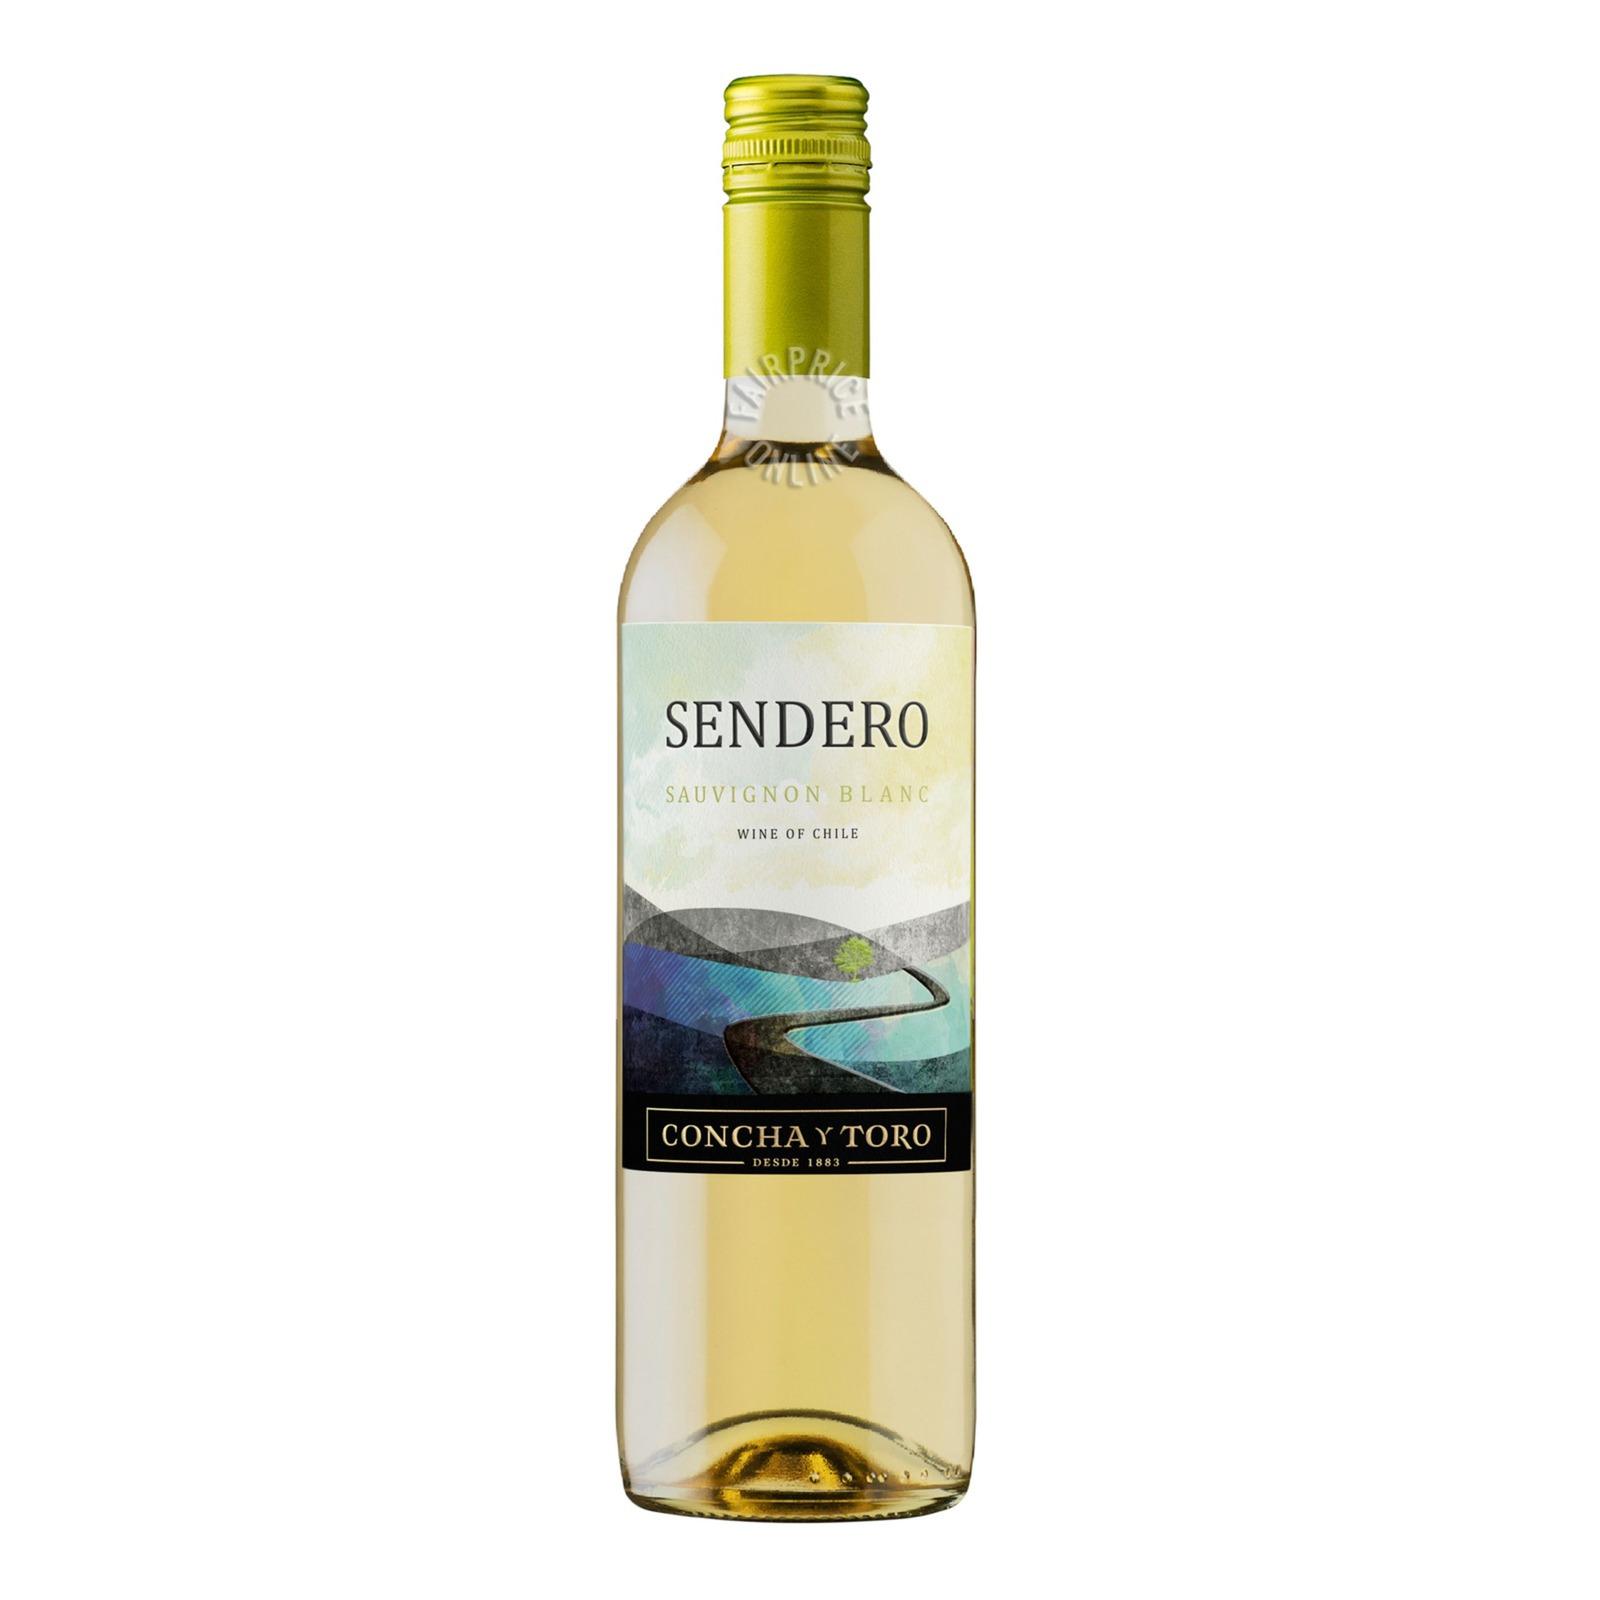 Sendero de Chile White Wine - Sauvignon Blanc